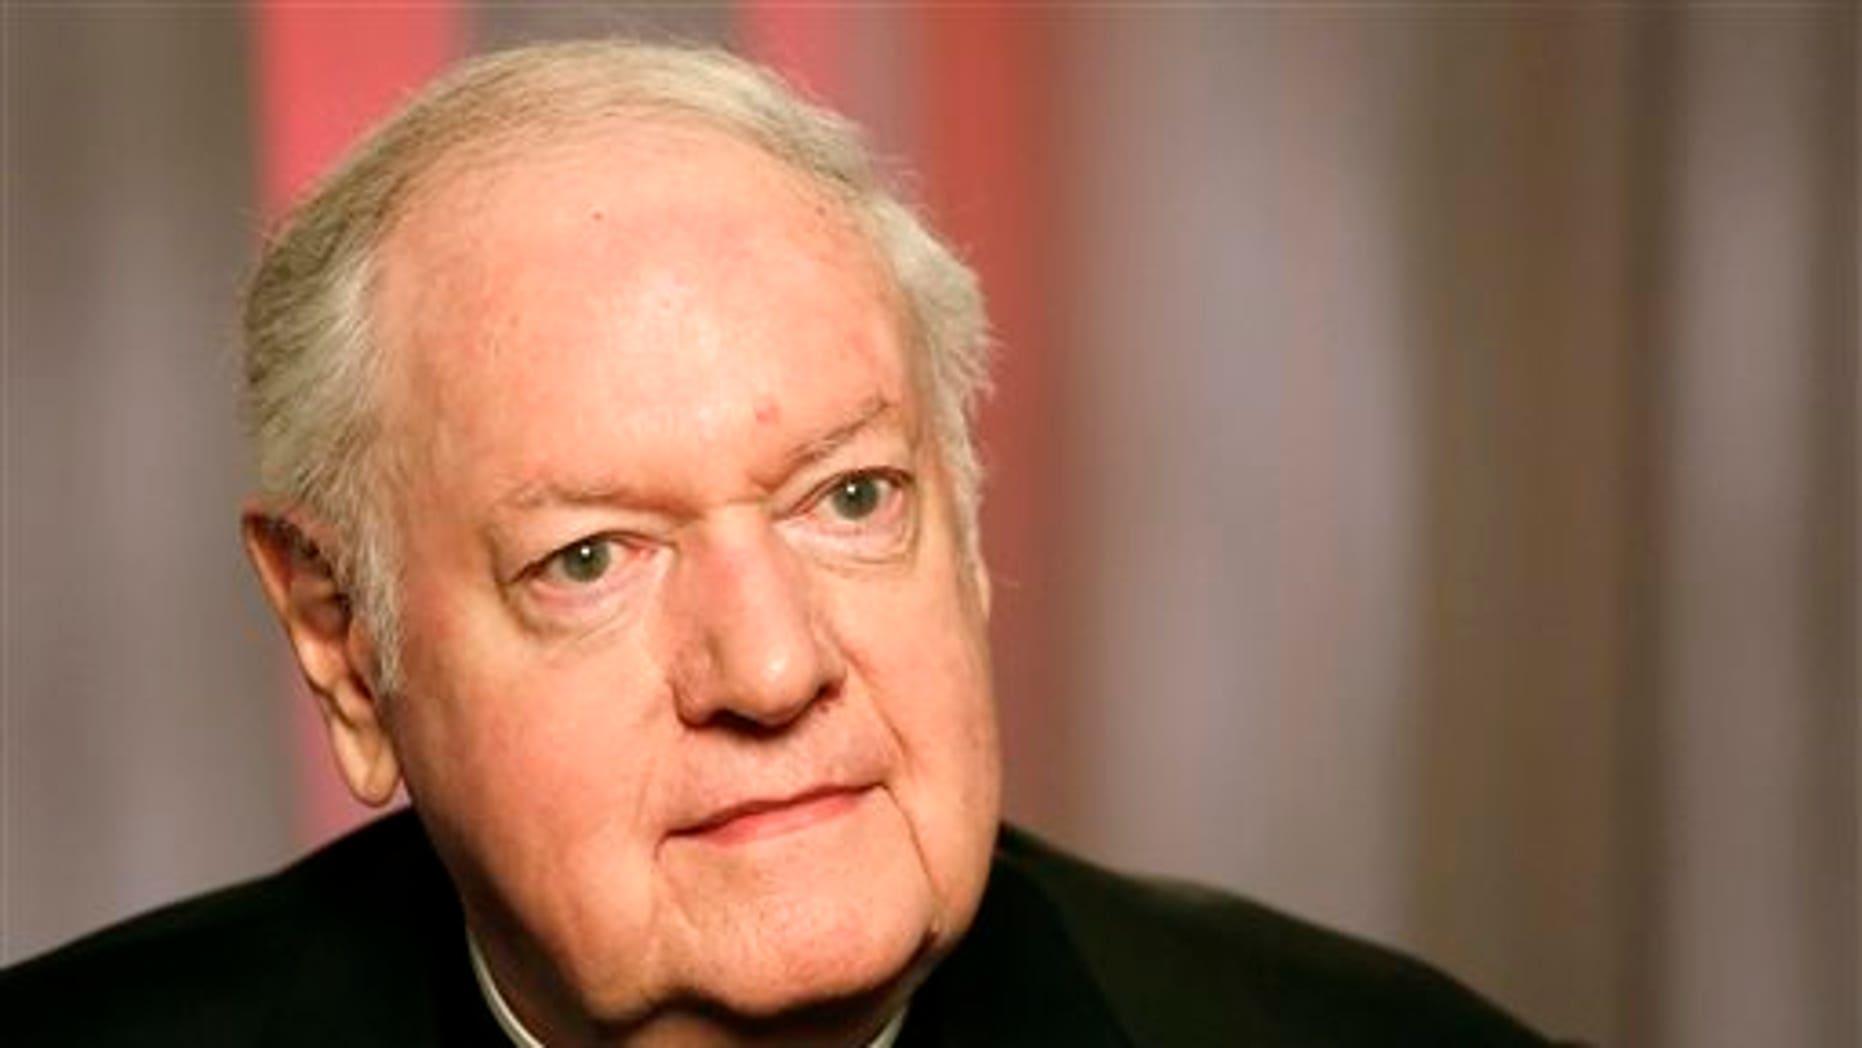 Edward Michael Egan, former archbishop of New York, in a Feb. 21, 2013 photo.